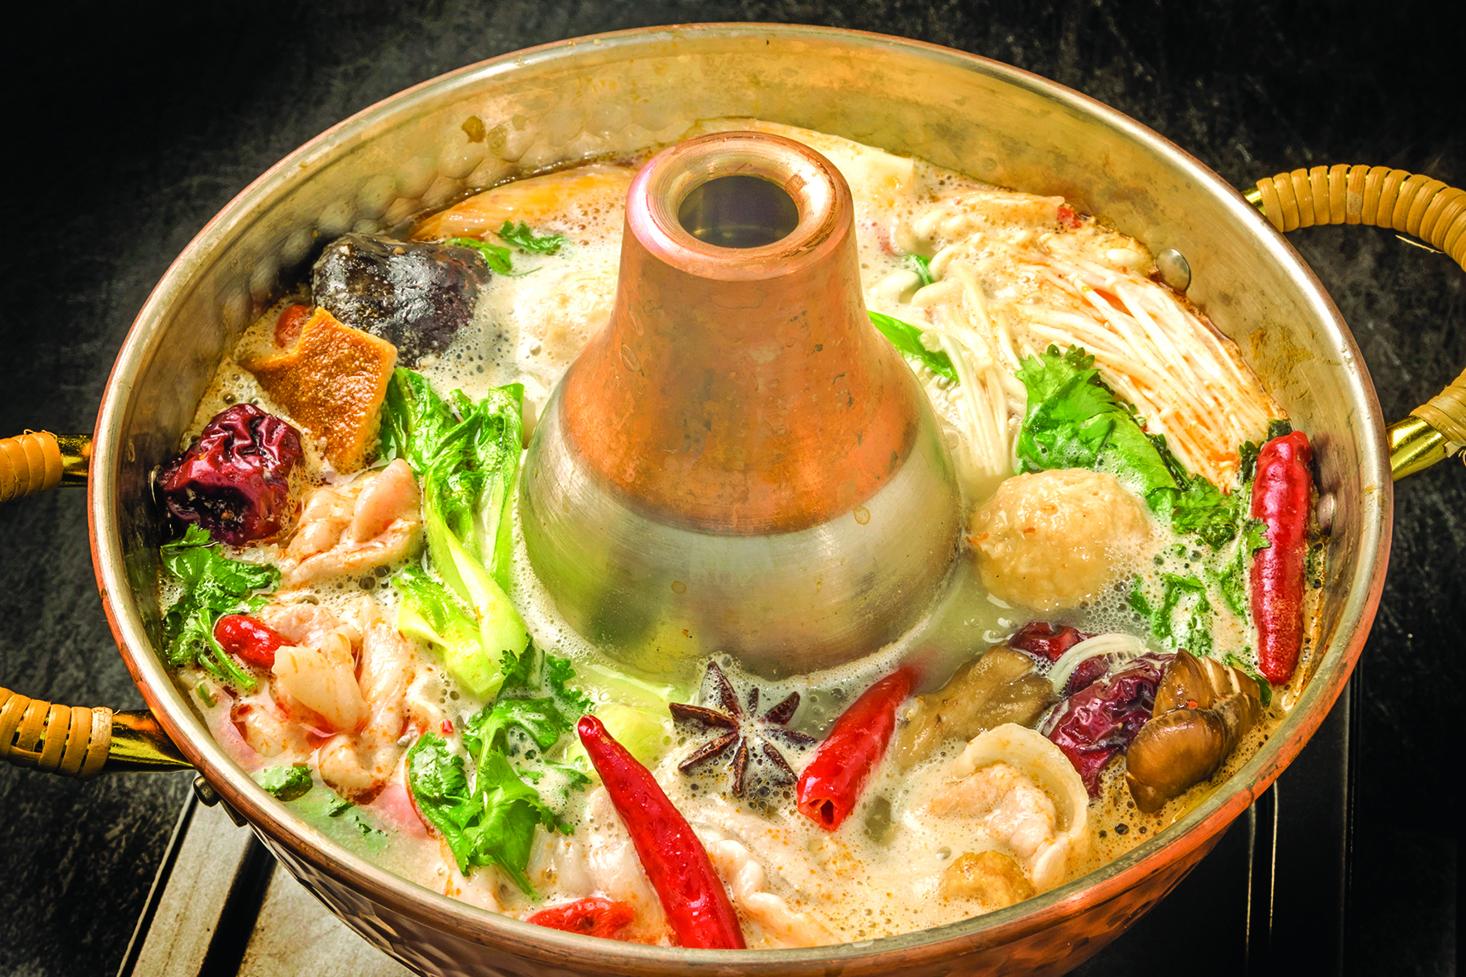 吃火鍋是滿族傳統,因此乾隆皇帝的餐桌上也經常出現火鍋。